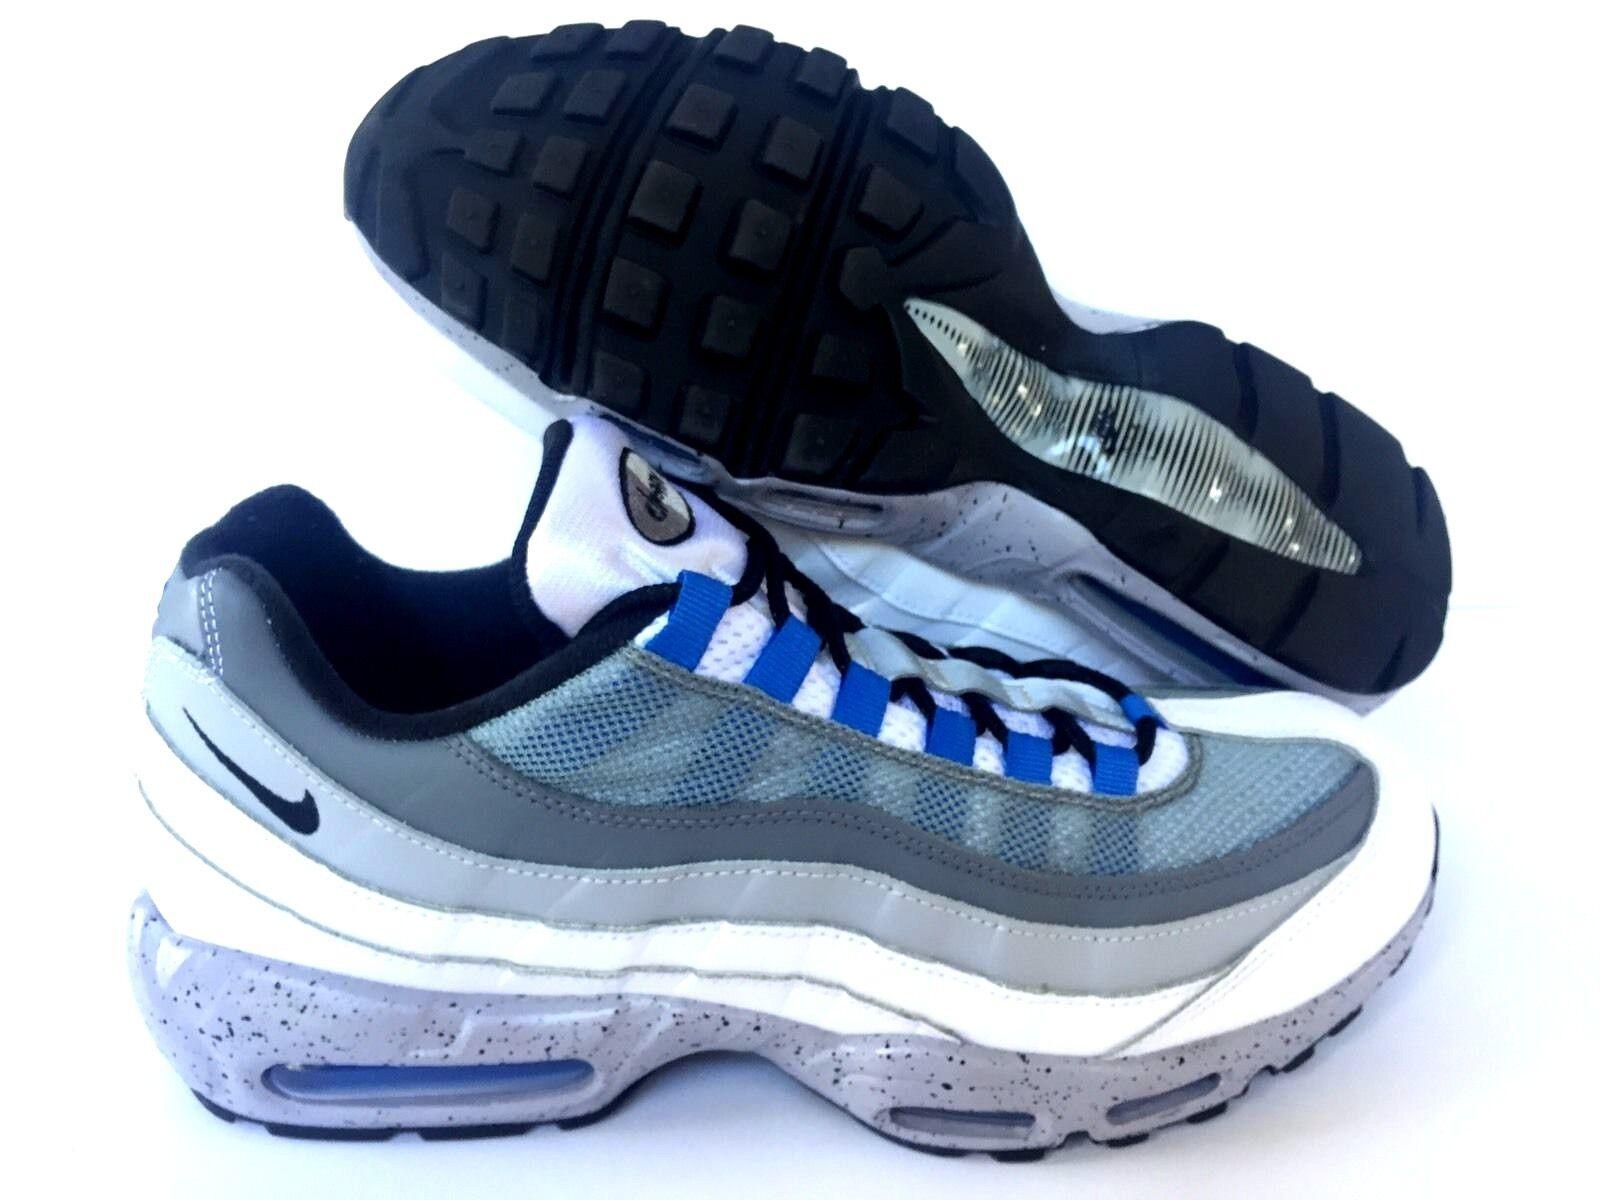 Nikeid air max 95 new grigio / blu - 818592-995. noi uomini sz 10